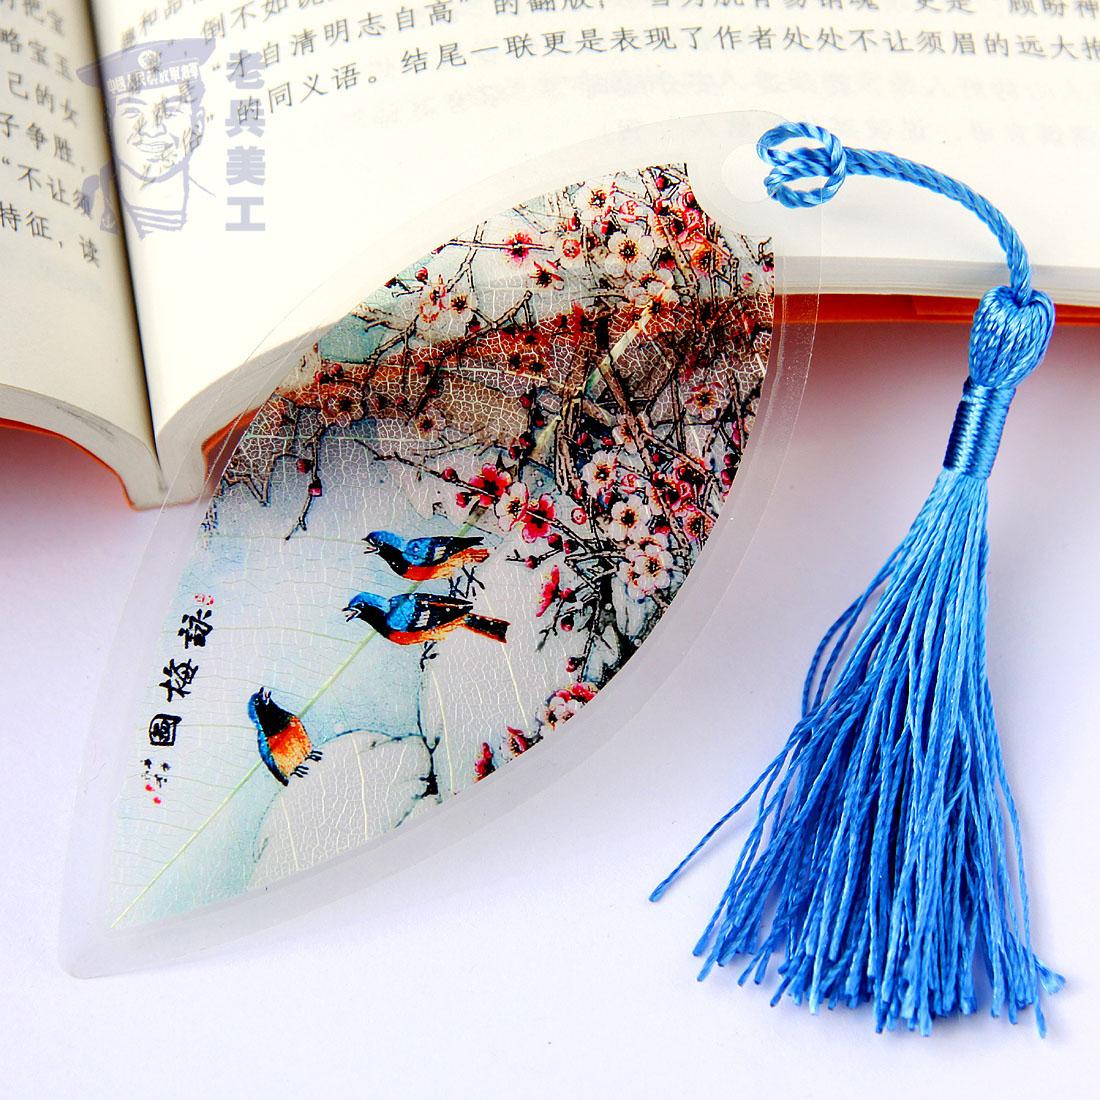 中国风花鸟画叶脉书签古典天然可爱创意女学生用小礼品生日小清新